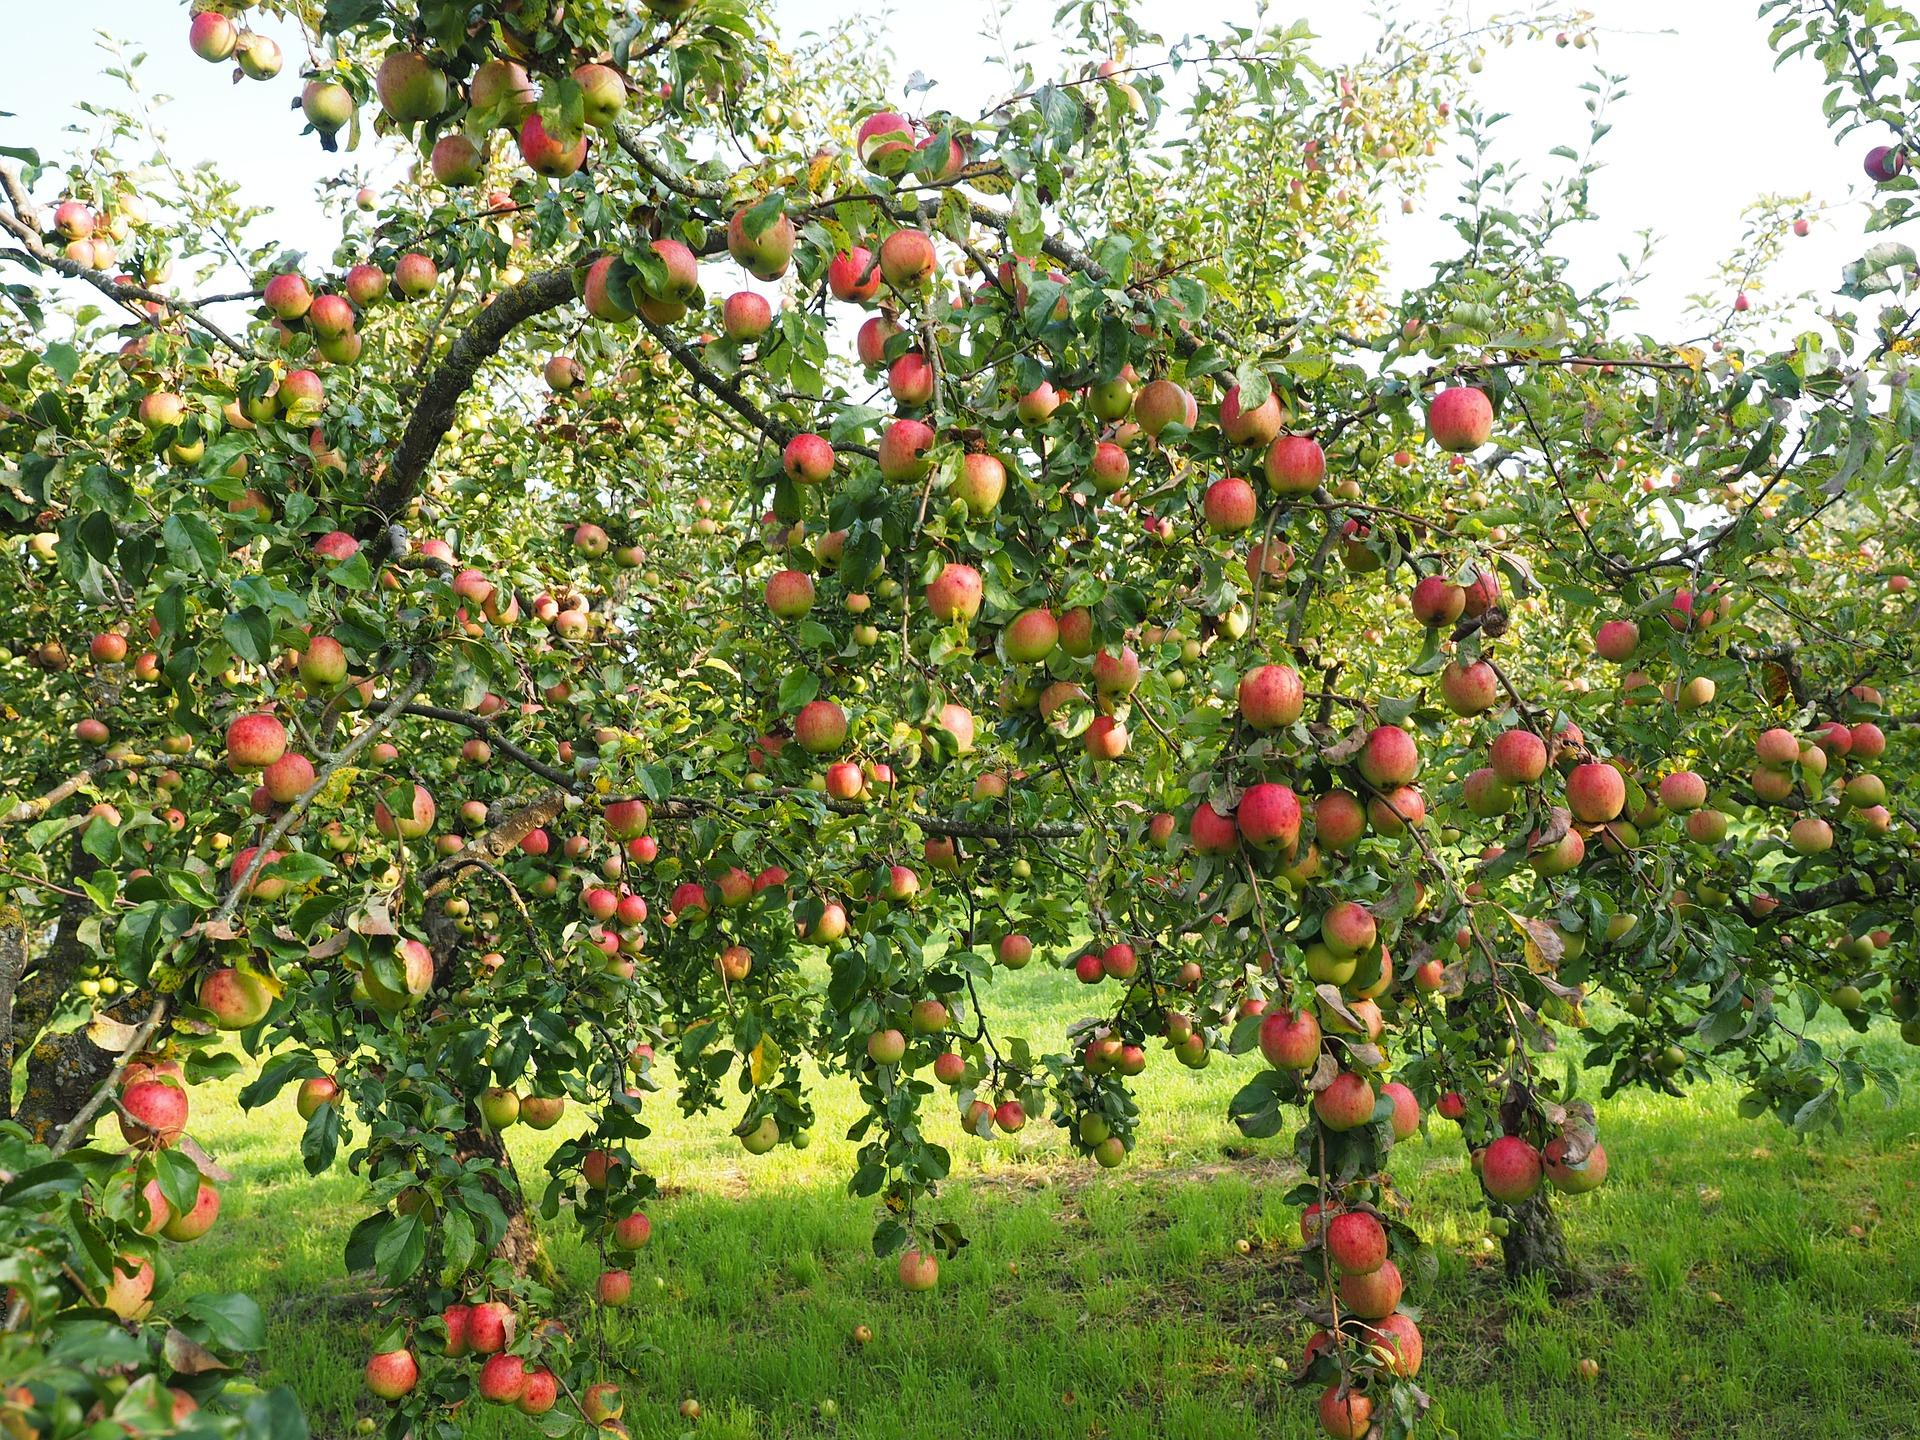 1322419878 Einen Apfelbaum Pflanzen Muessen Standort Abstand Pflanzzeit Beachten